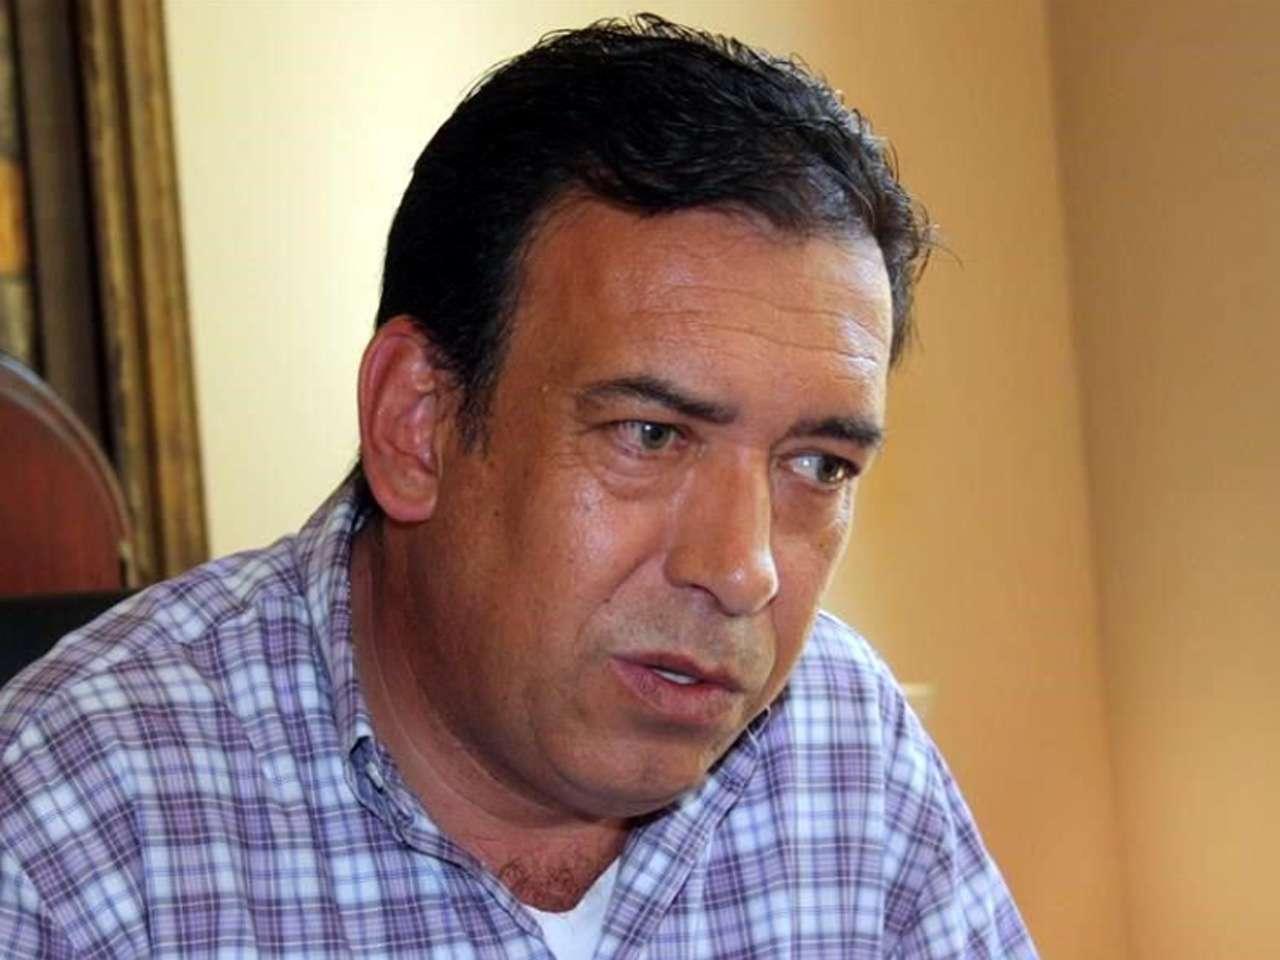 Ayer, el ex Tesorero del Moreira se declaró culpable en EU de lavado y conspiración para trasladar dinero robado Foto: Reforma